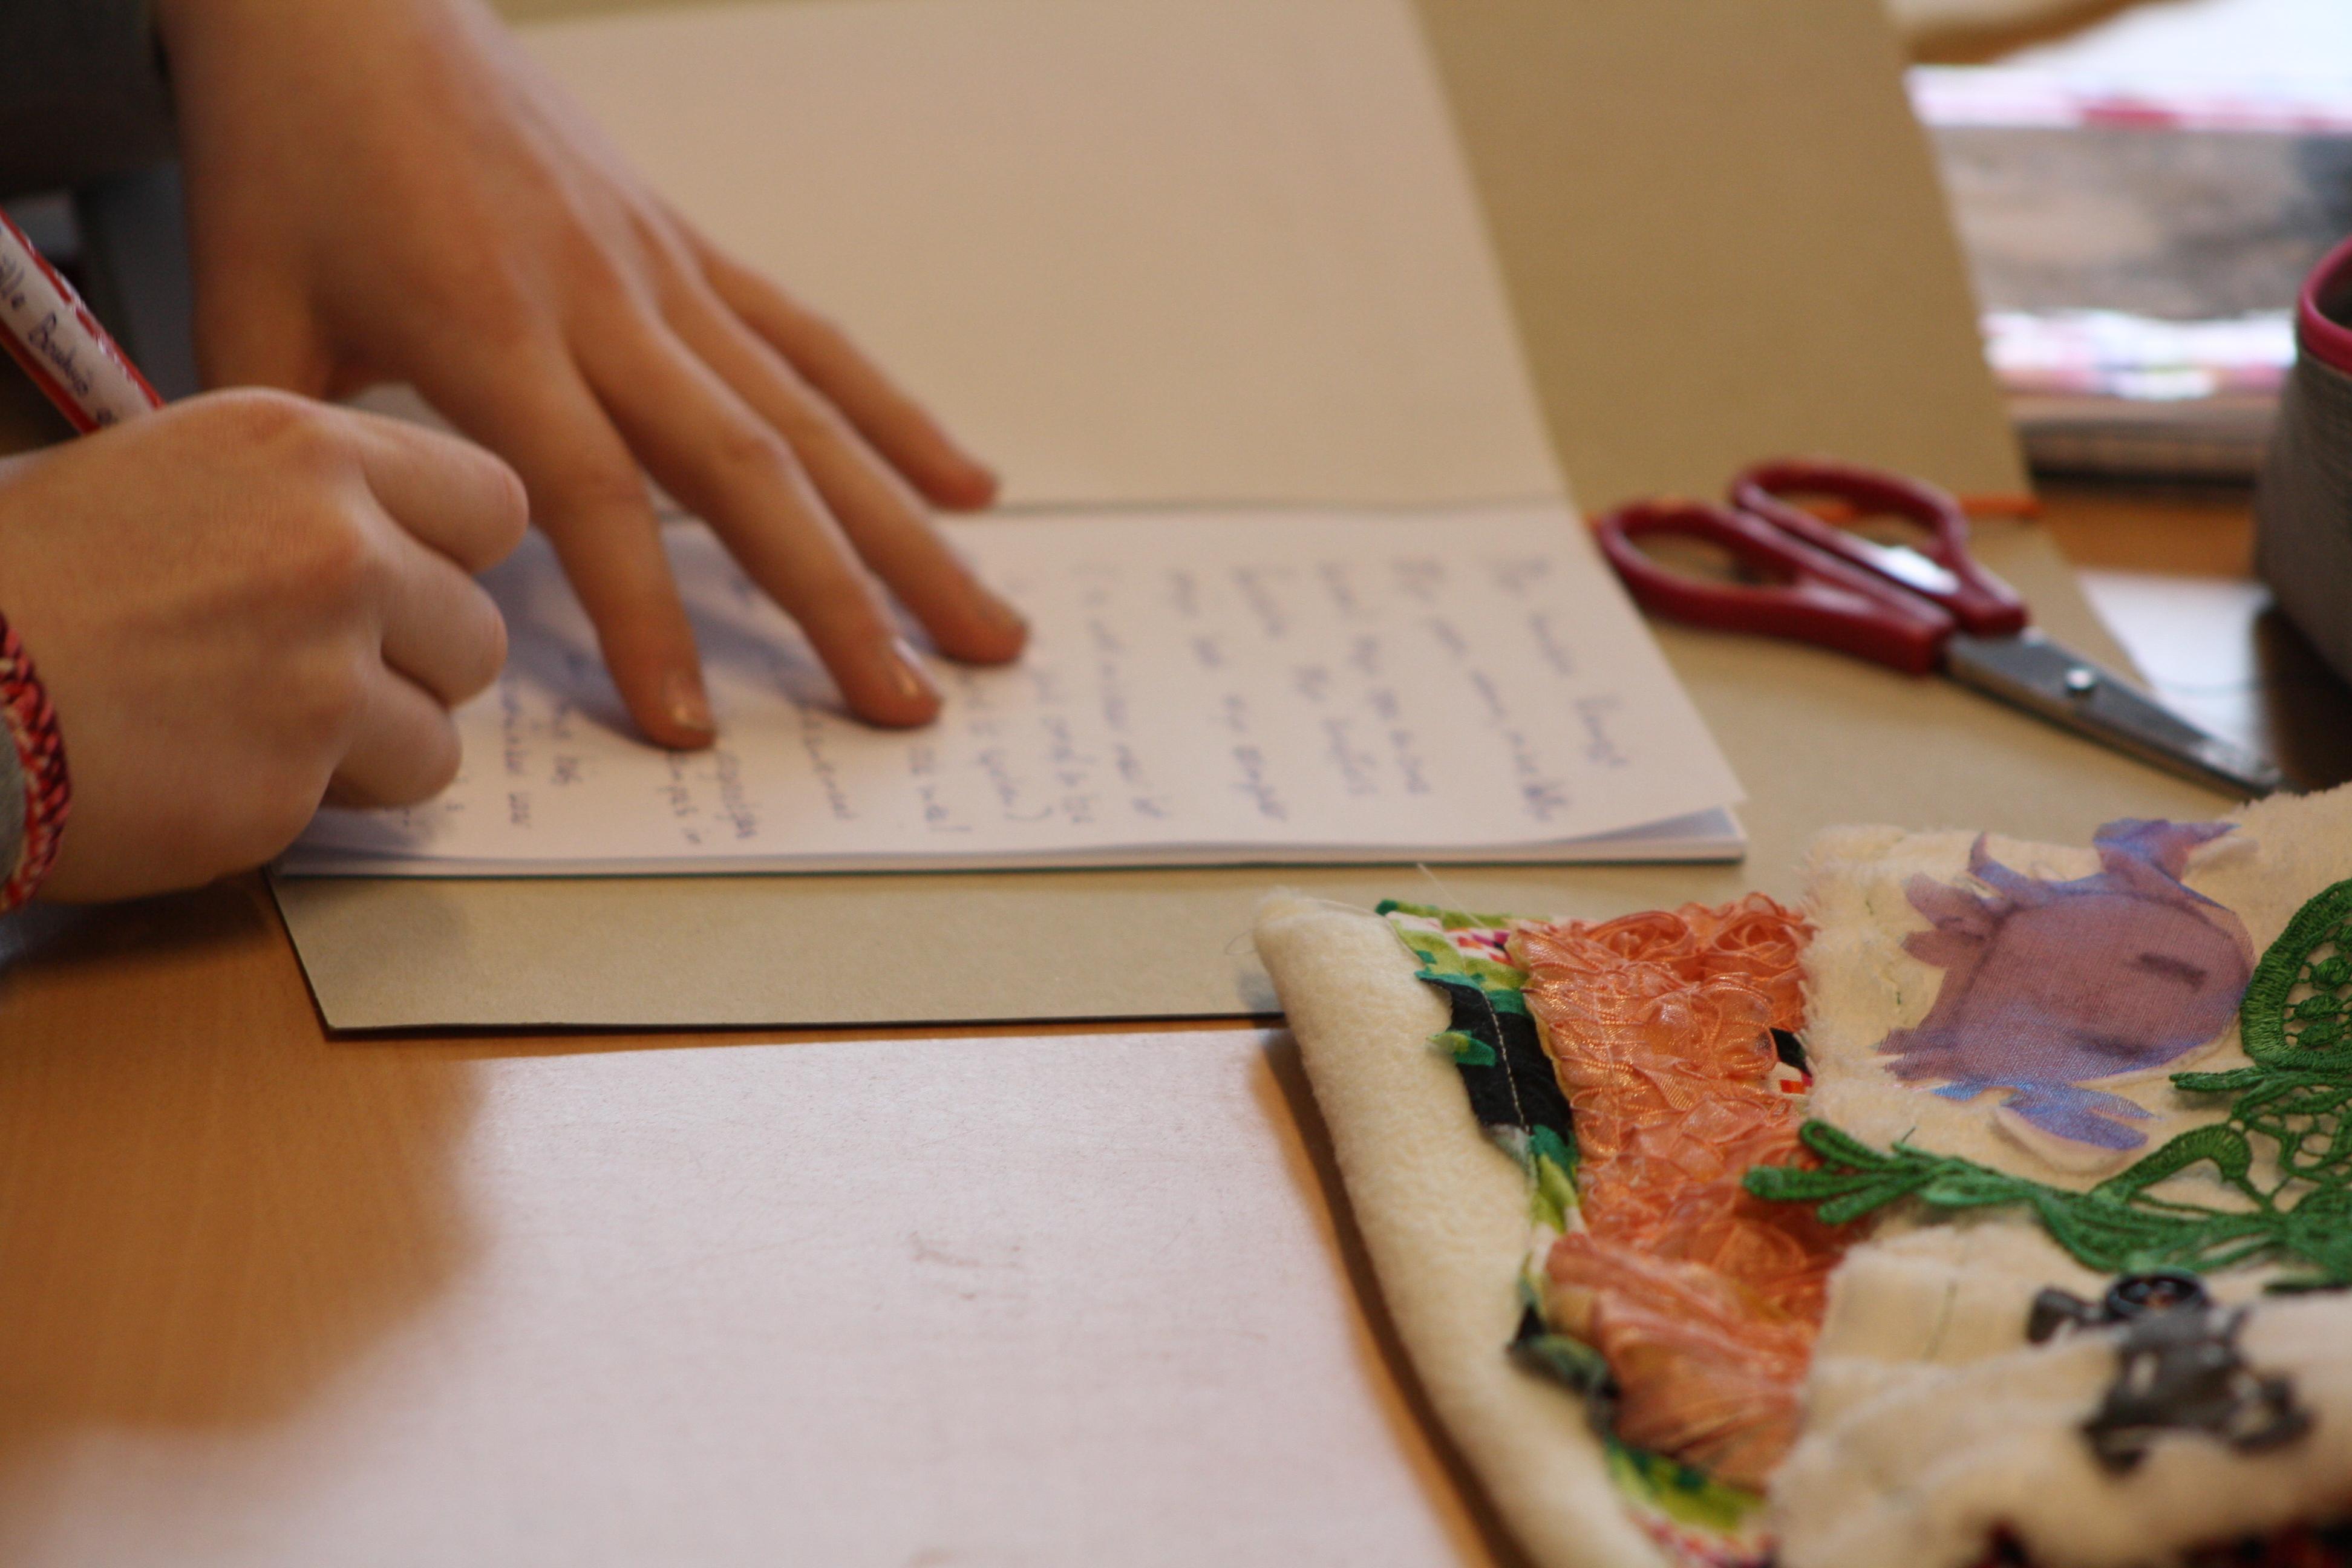 Uitzonderlijk SEP | Creatief schrijven - SEP kunst en cultuur in het onderwijs #AN03